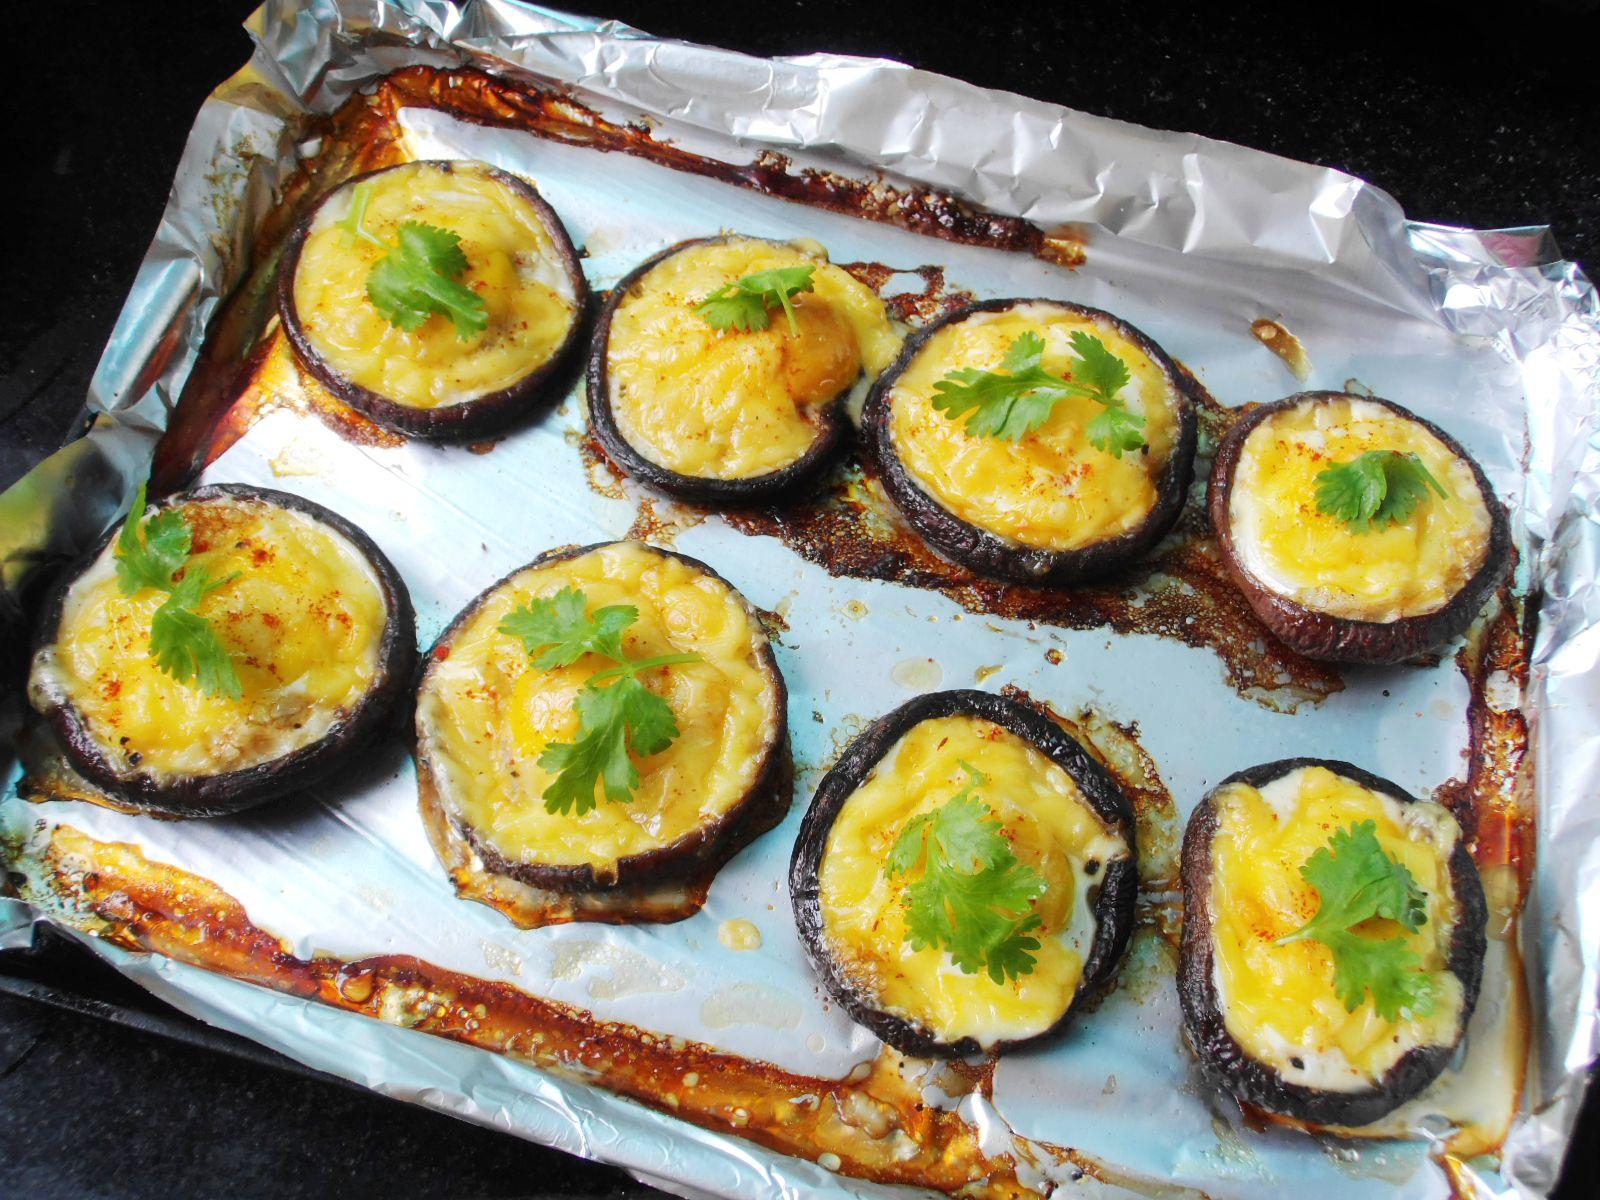 奶酪鹌鹑蛋烤香菇的做法图解6